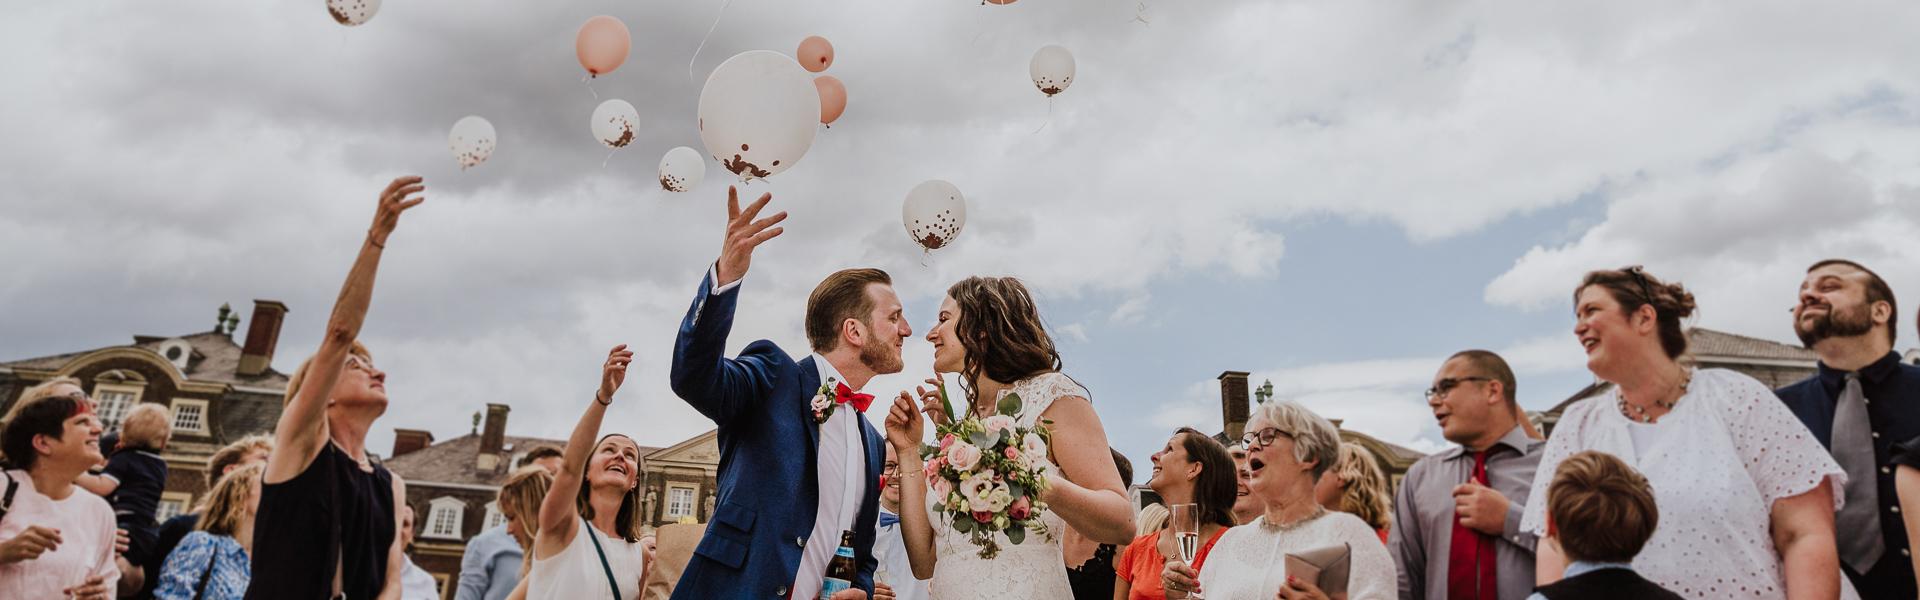 Hochzeitfoto Brautpaar Familienfoto in Farbe Standesamt Nordkiren Münsterland